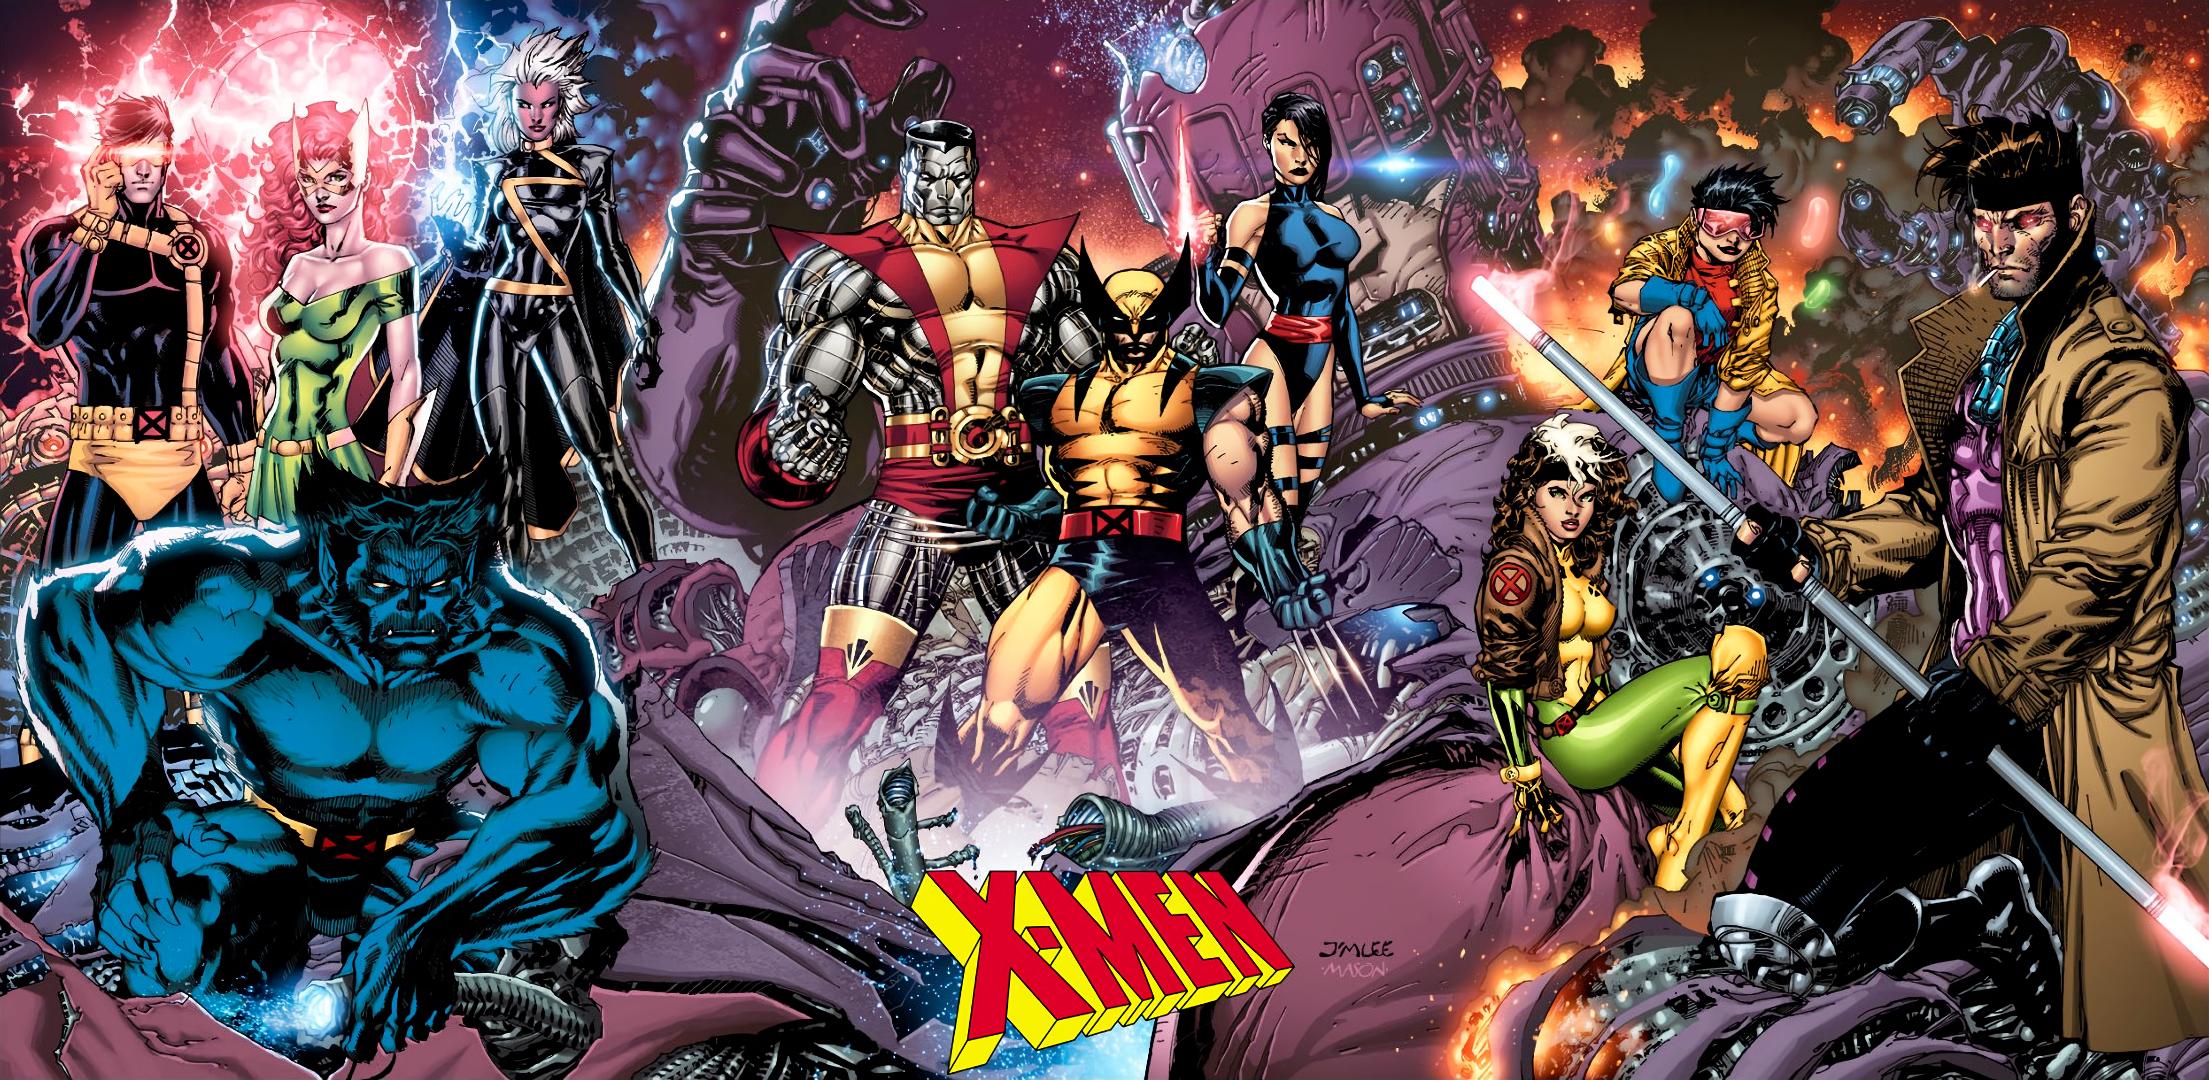 Storm X Men Wallpaper 63 Images: X-Men Fondo De Pantalla HD